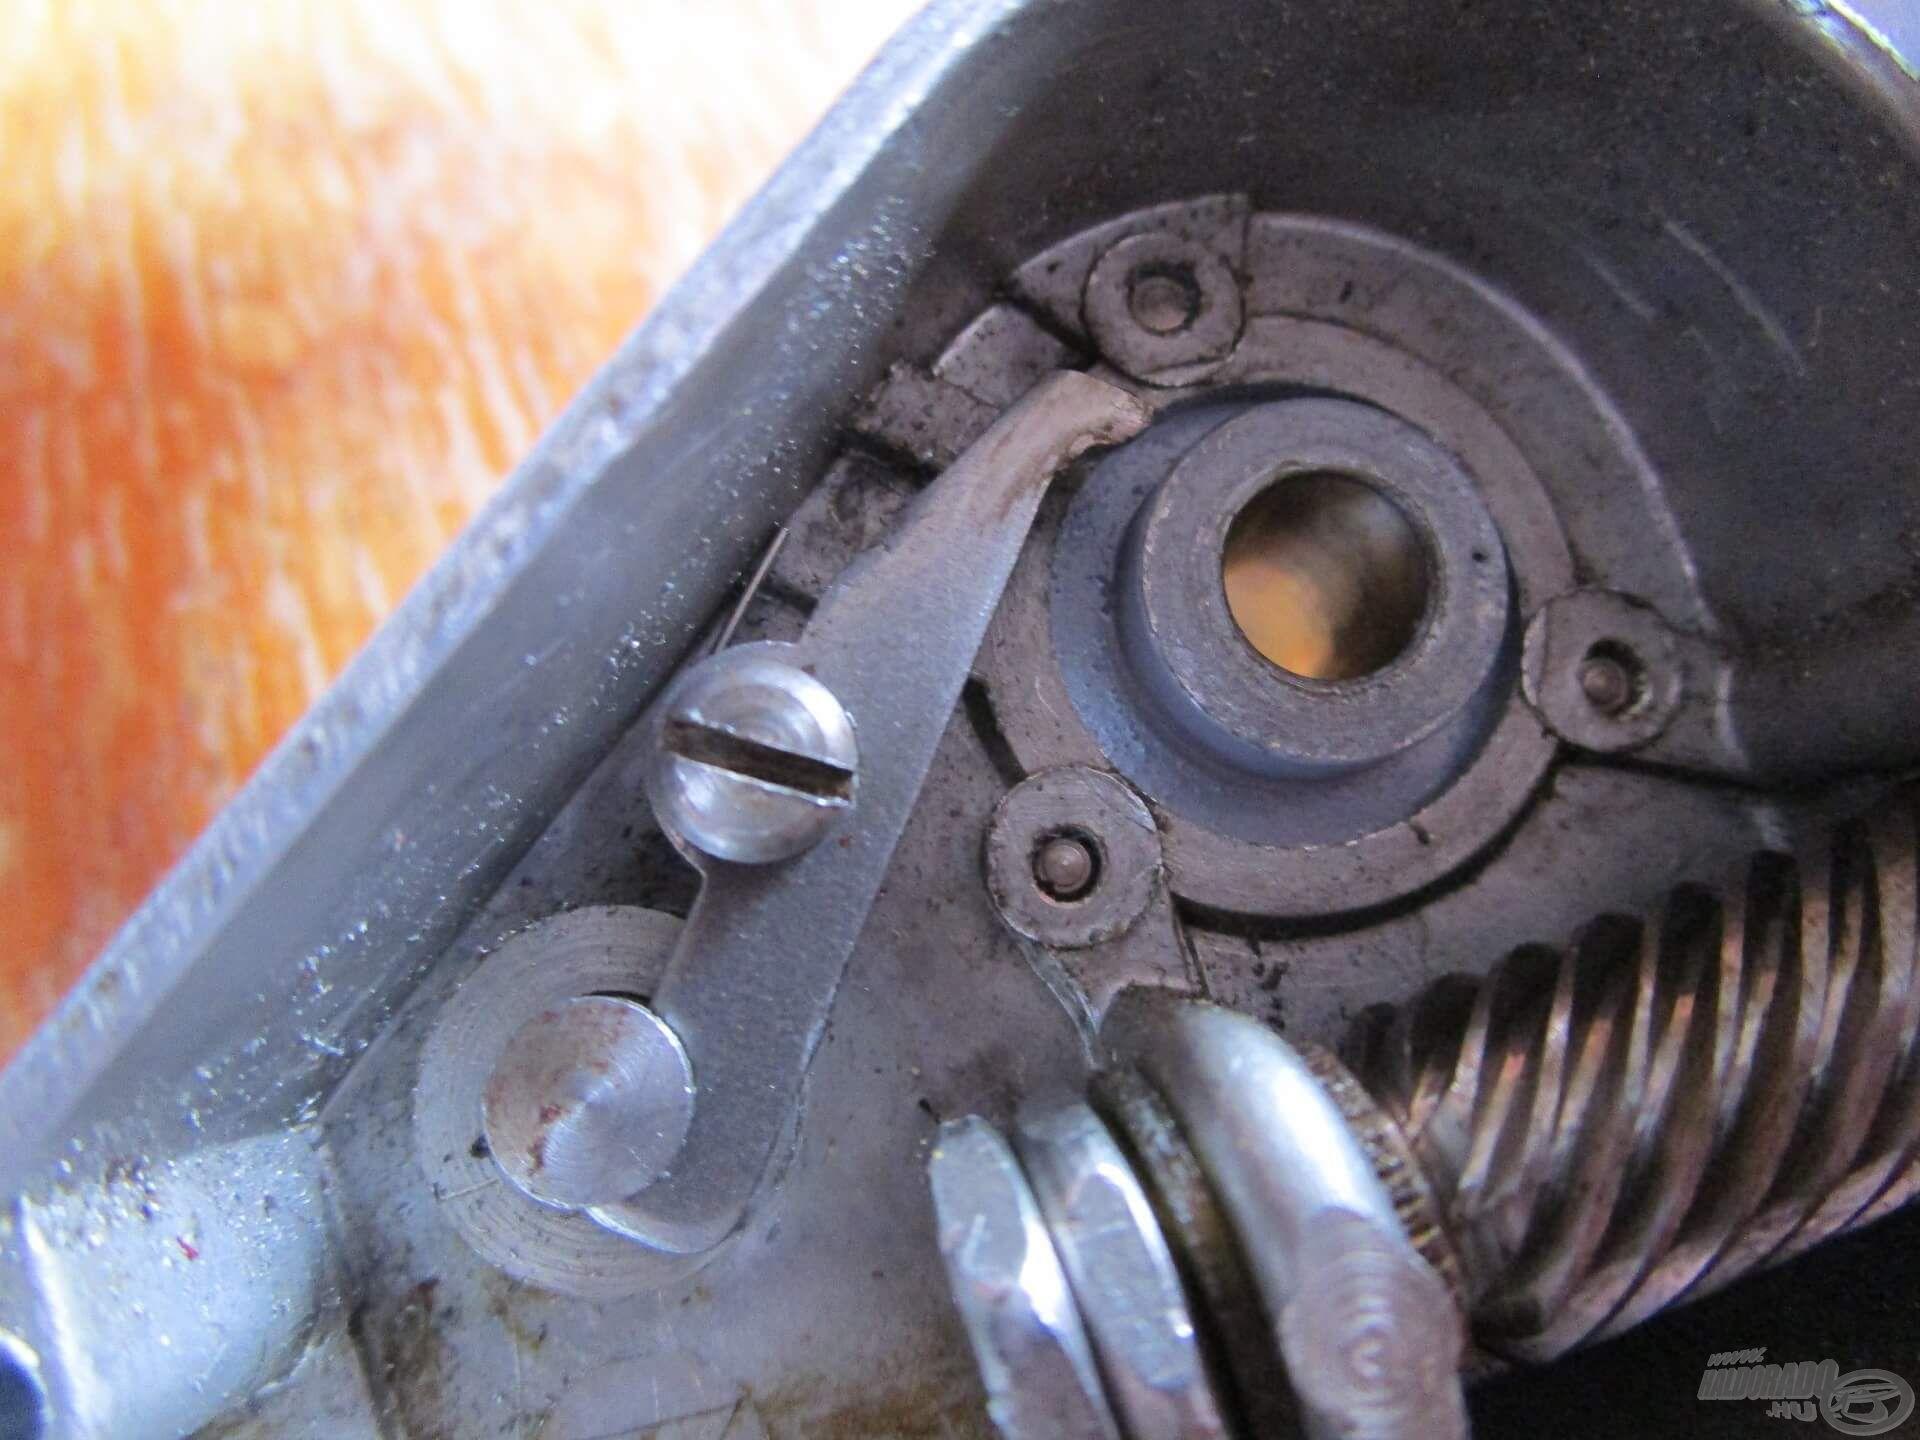 A visszaforgásgátló bekapcsolásakor a rugó a kilincset a kilincskerék fogárkába nyomta